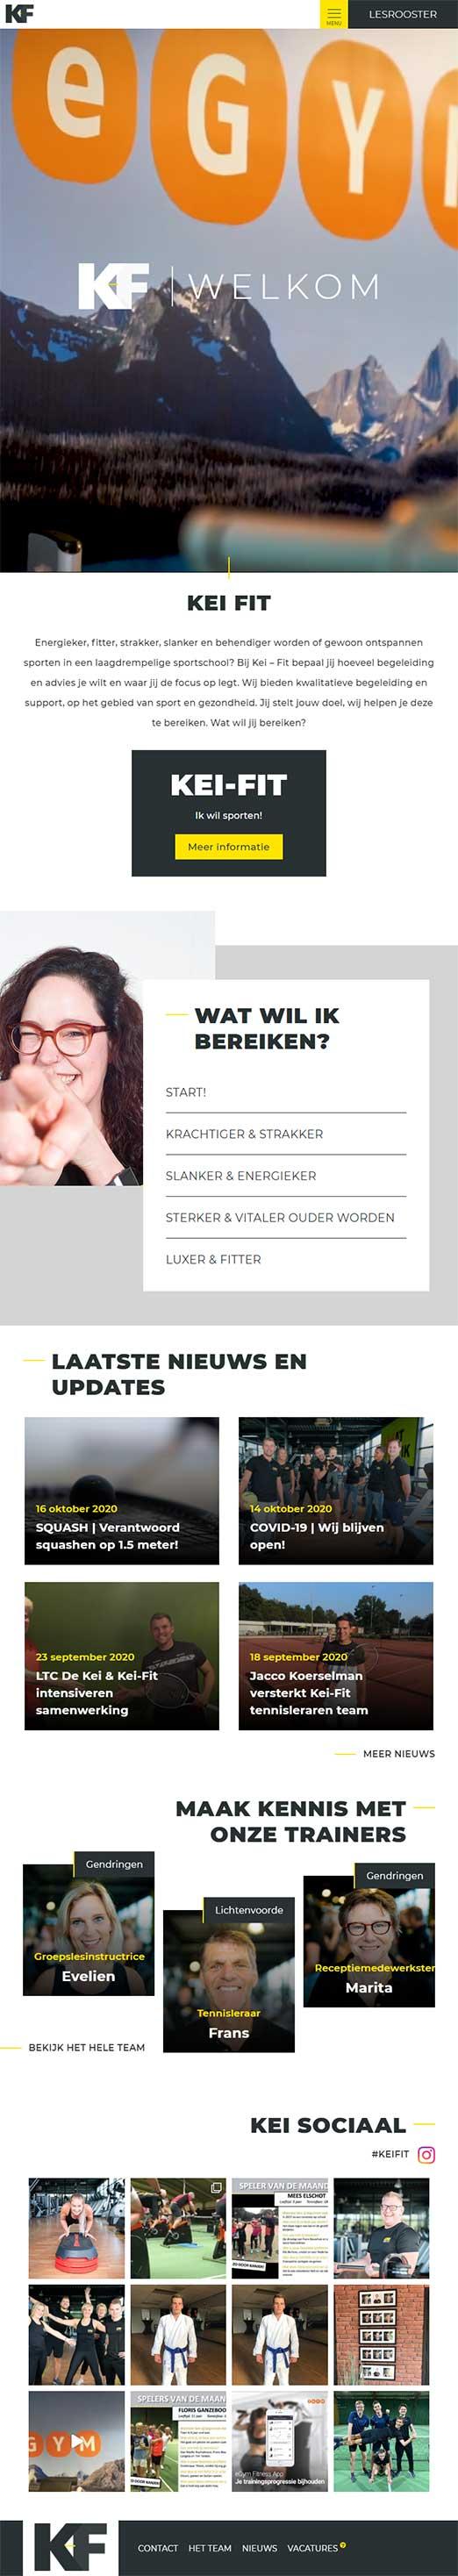 Kei Fit website voorbeeld op tablets